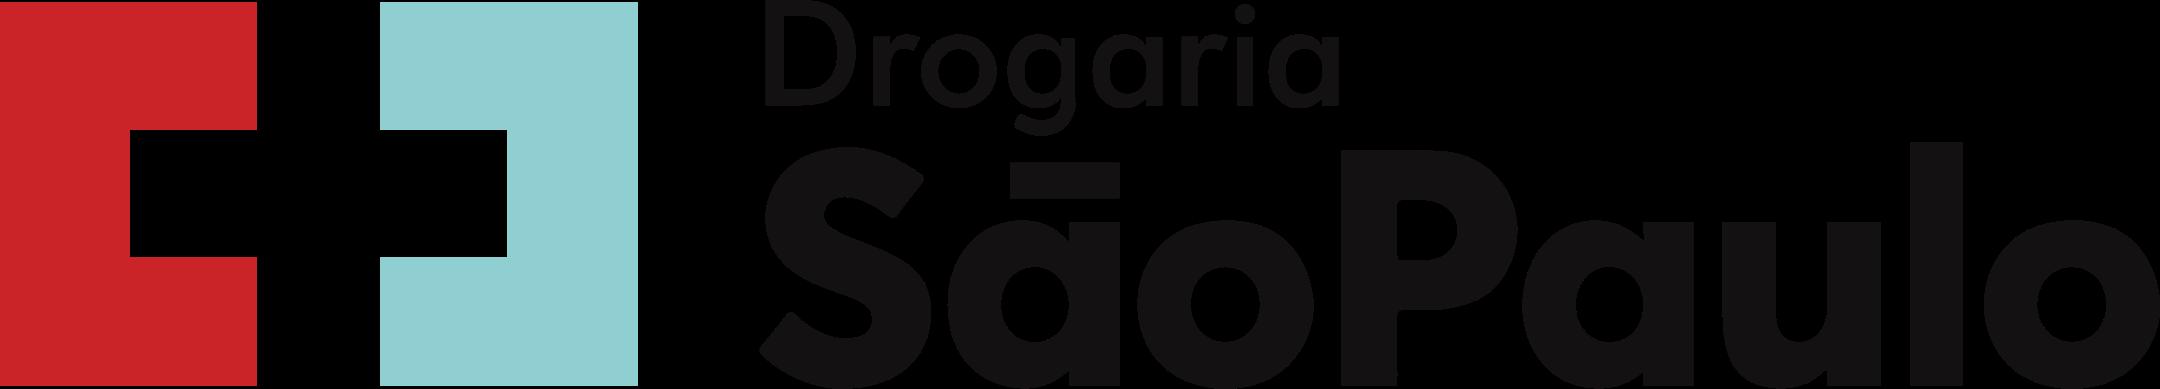 drogaria sao paulo logo 1 - Drogaria São Paulo Logo